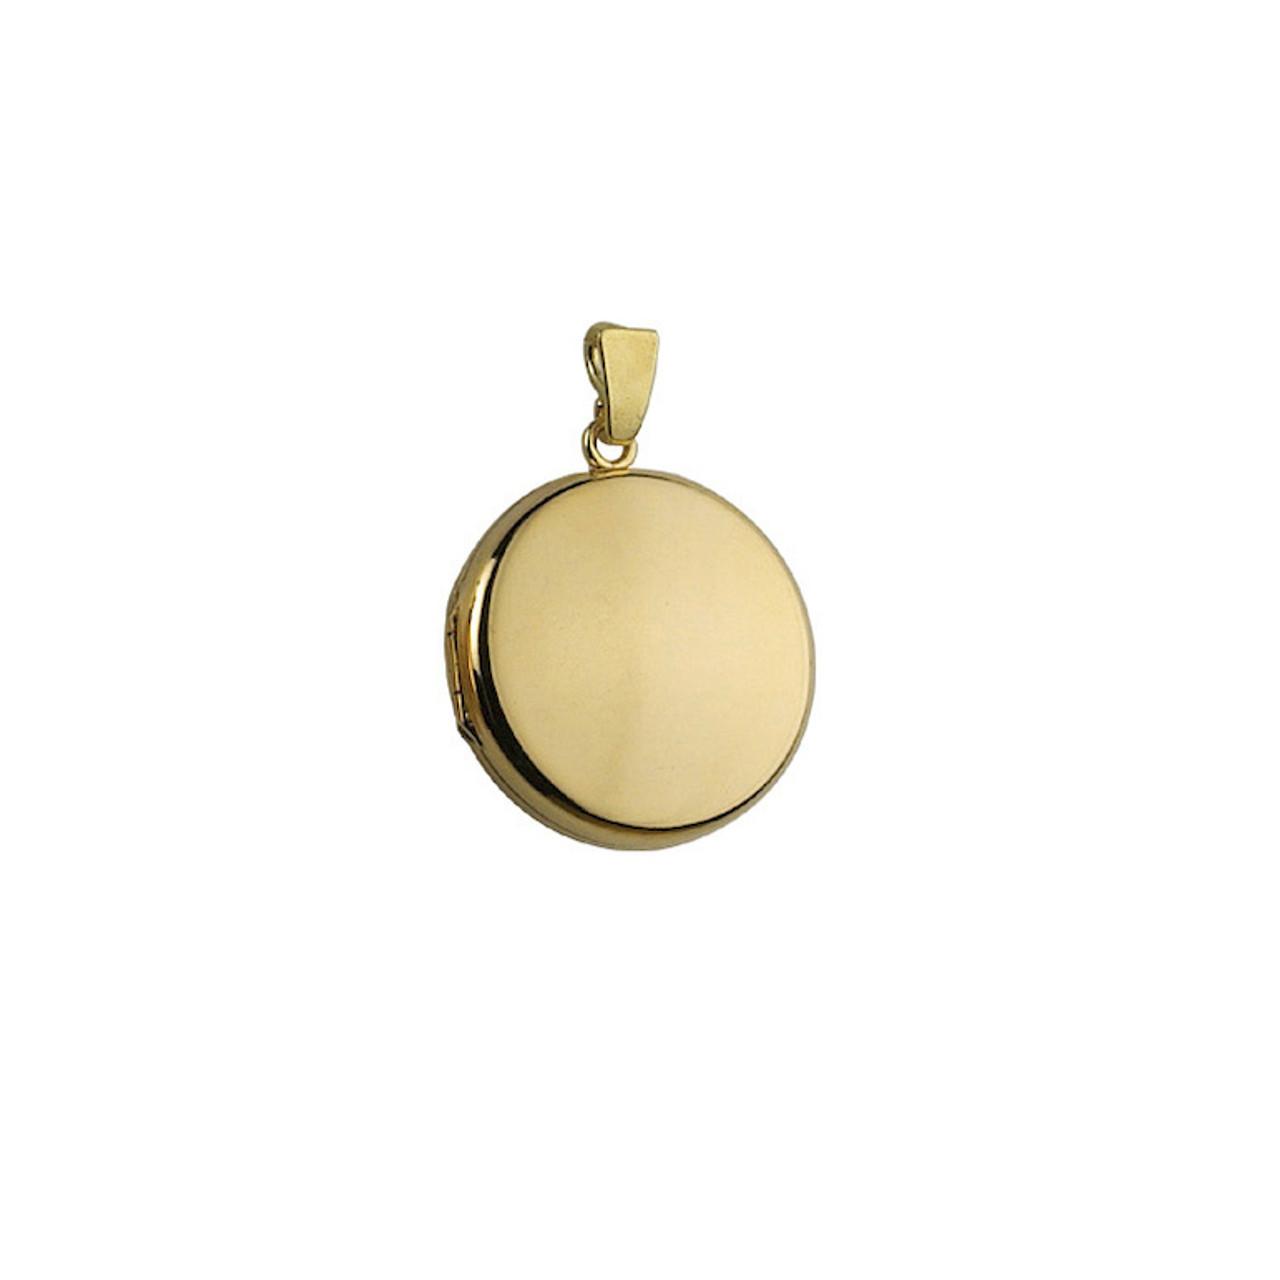 9ct Yellow Gold 20mm round Locket & Chain